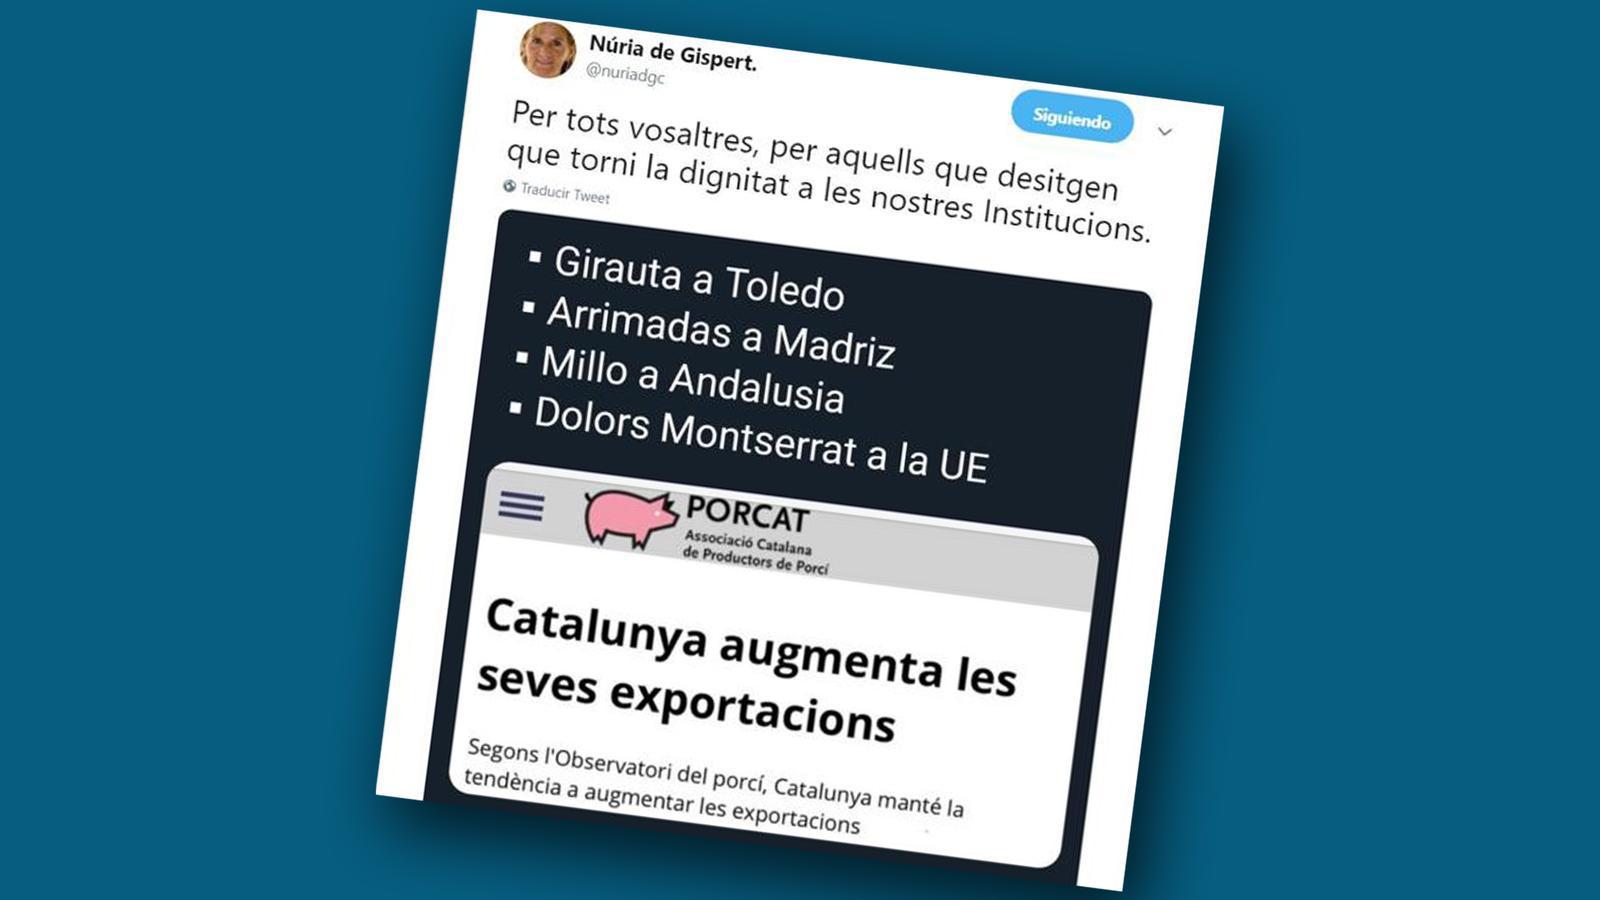 L'anàlisi d'Antoni Bassas: 'El millor tuit és el que no s'envia'